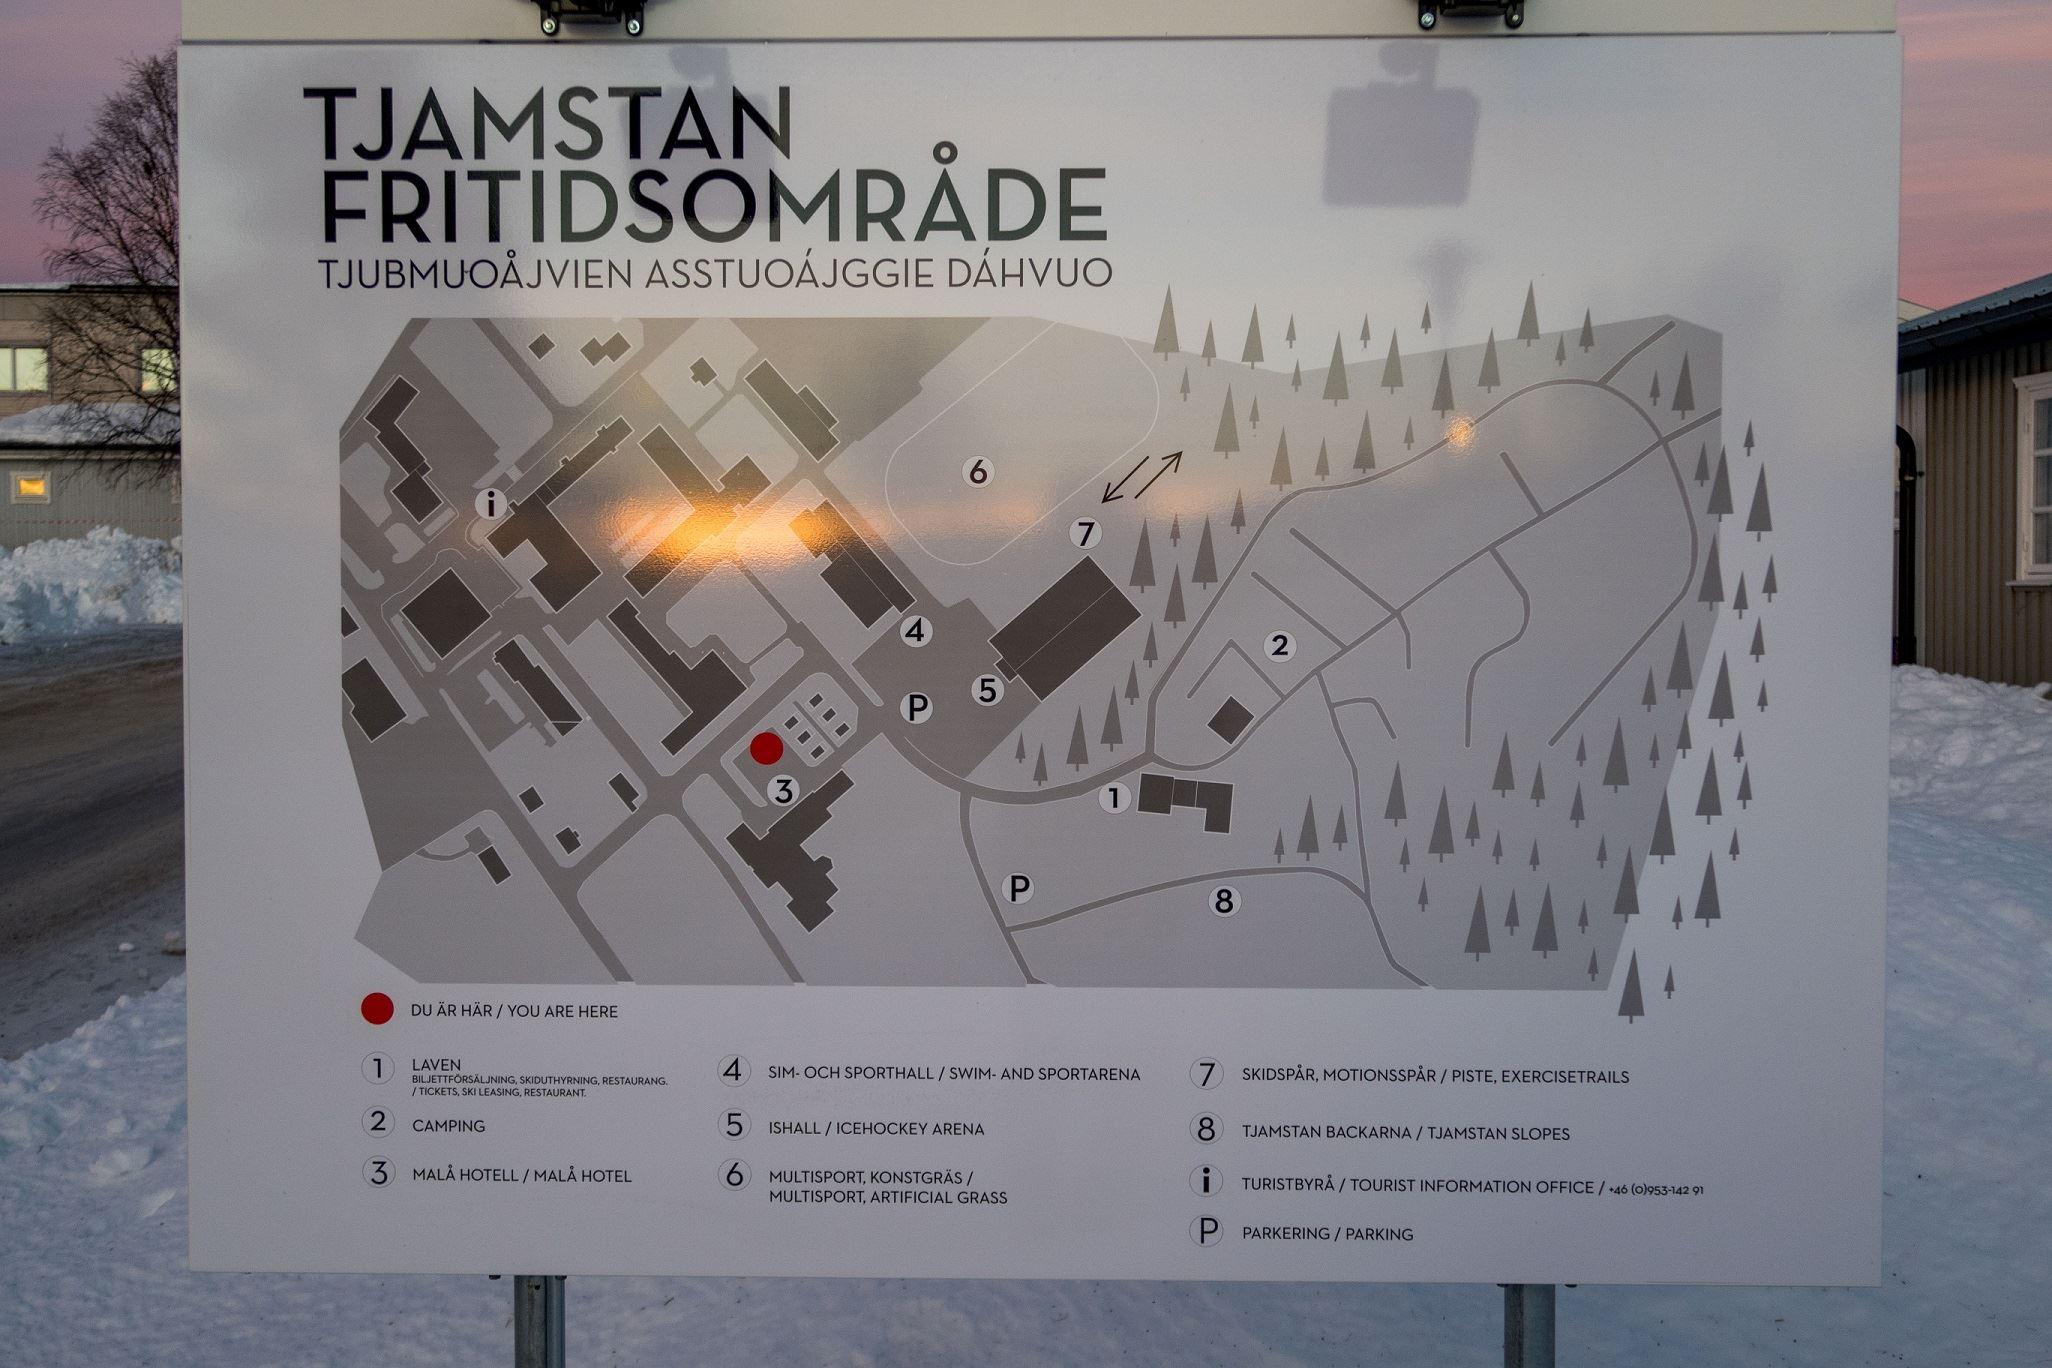 www.ricke.se,  © Malå kommun, Tjamstan fritidsområde